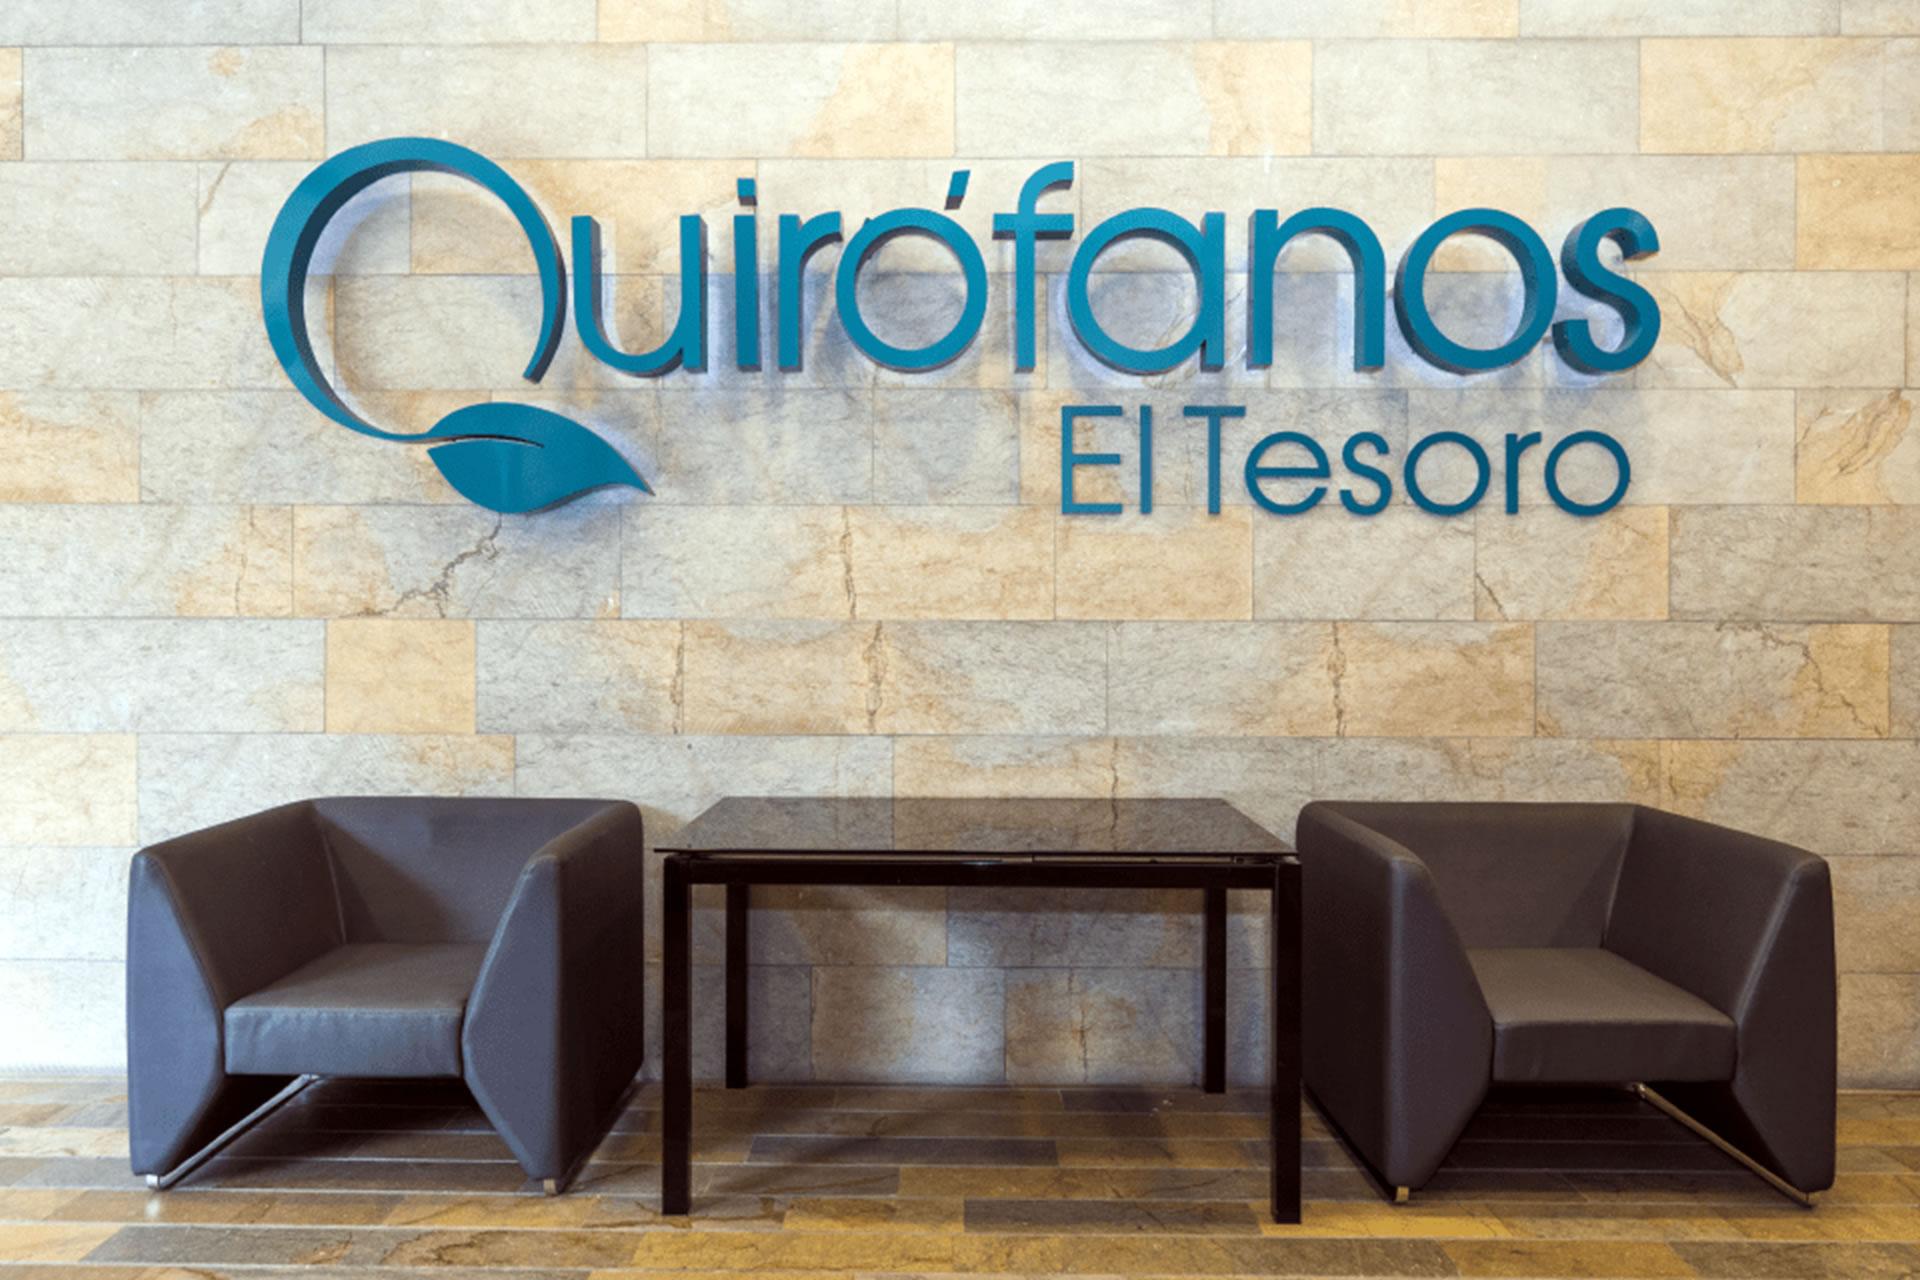 Quirófanos El Tesoro